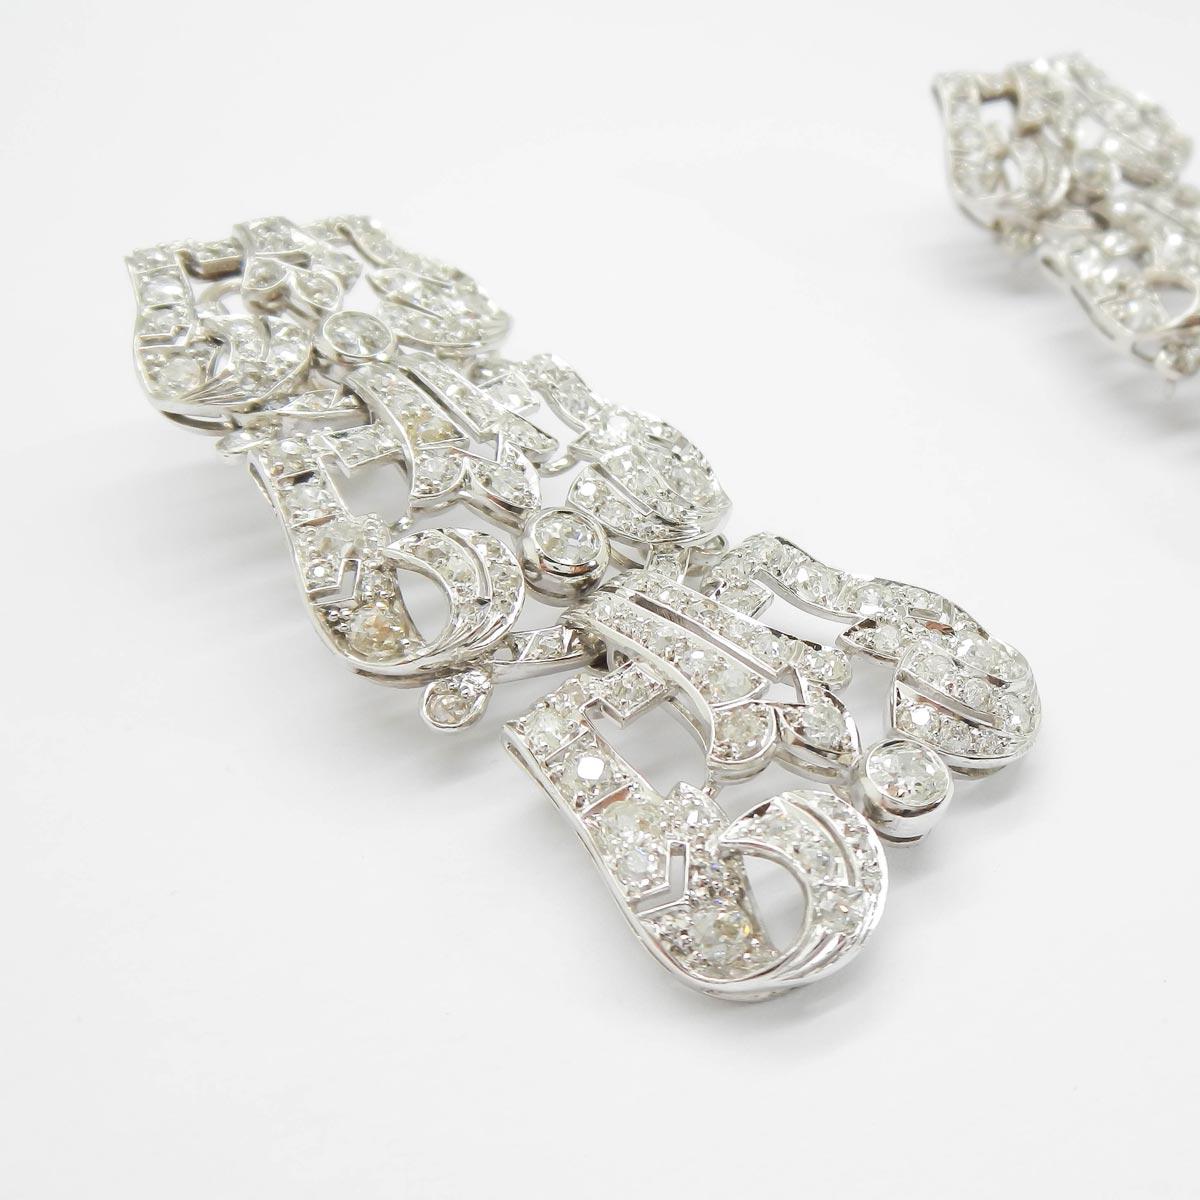 il-marchese-diamonds-diamanti-gioielli-artigianali-orecchini-antichi-oro-bianco-2